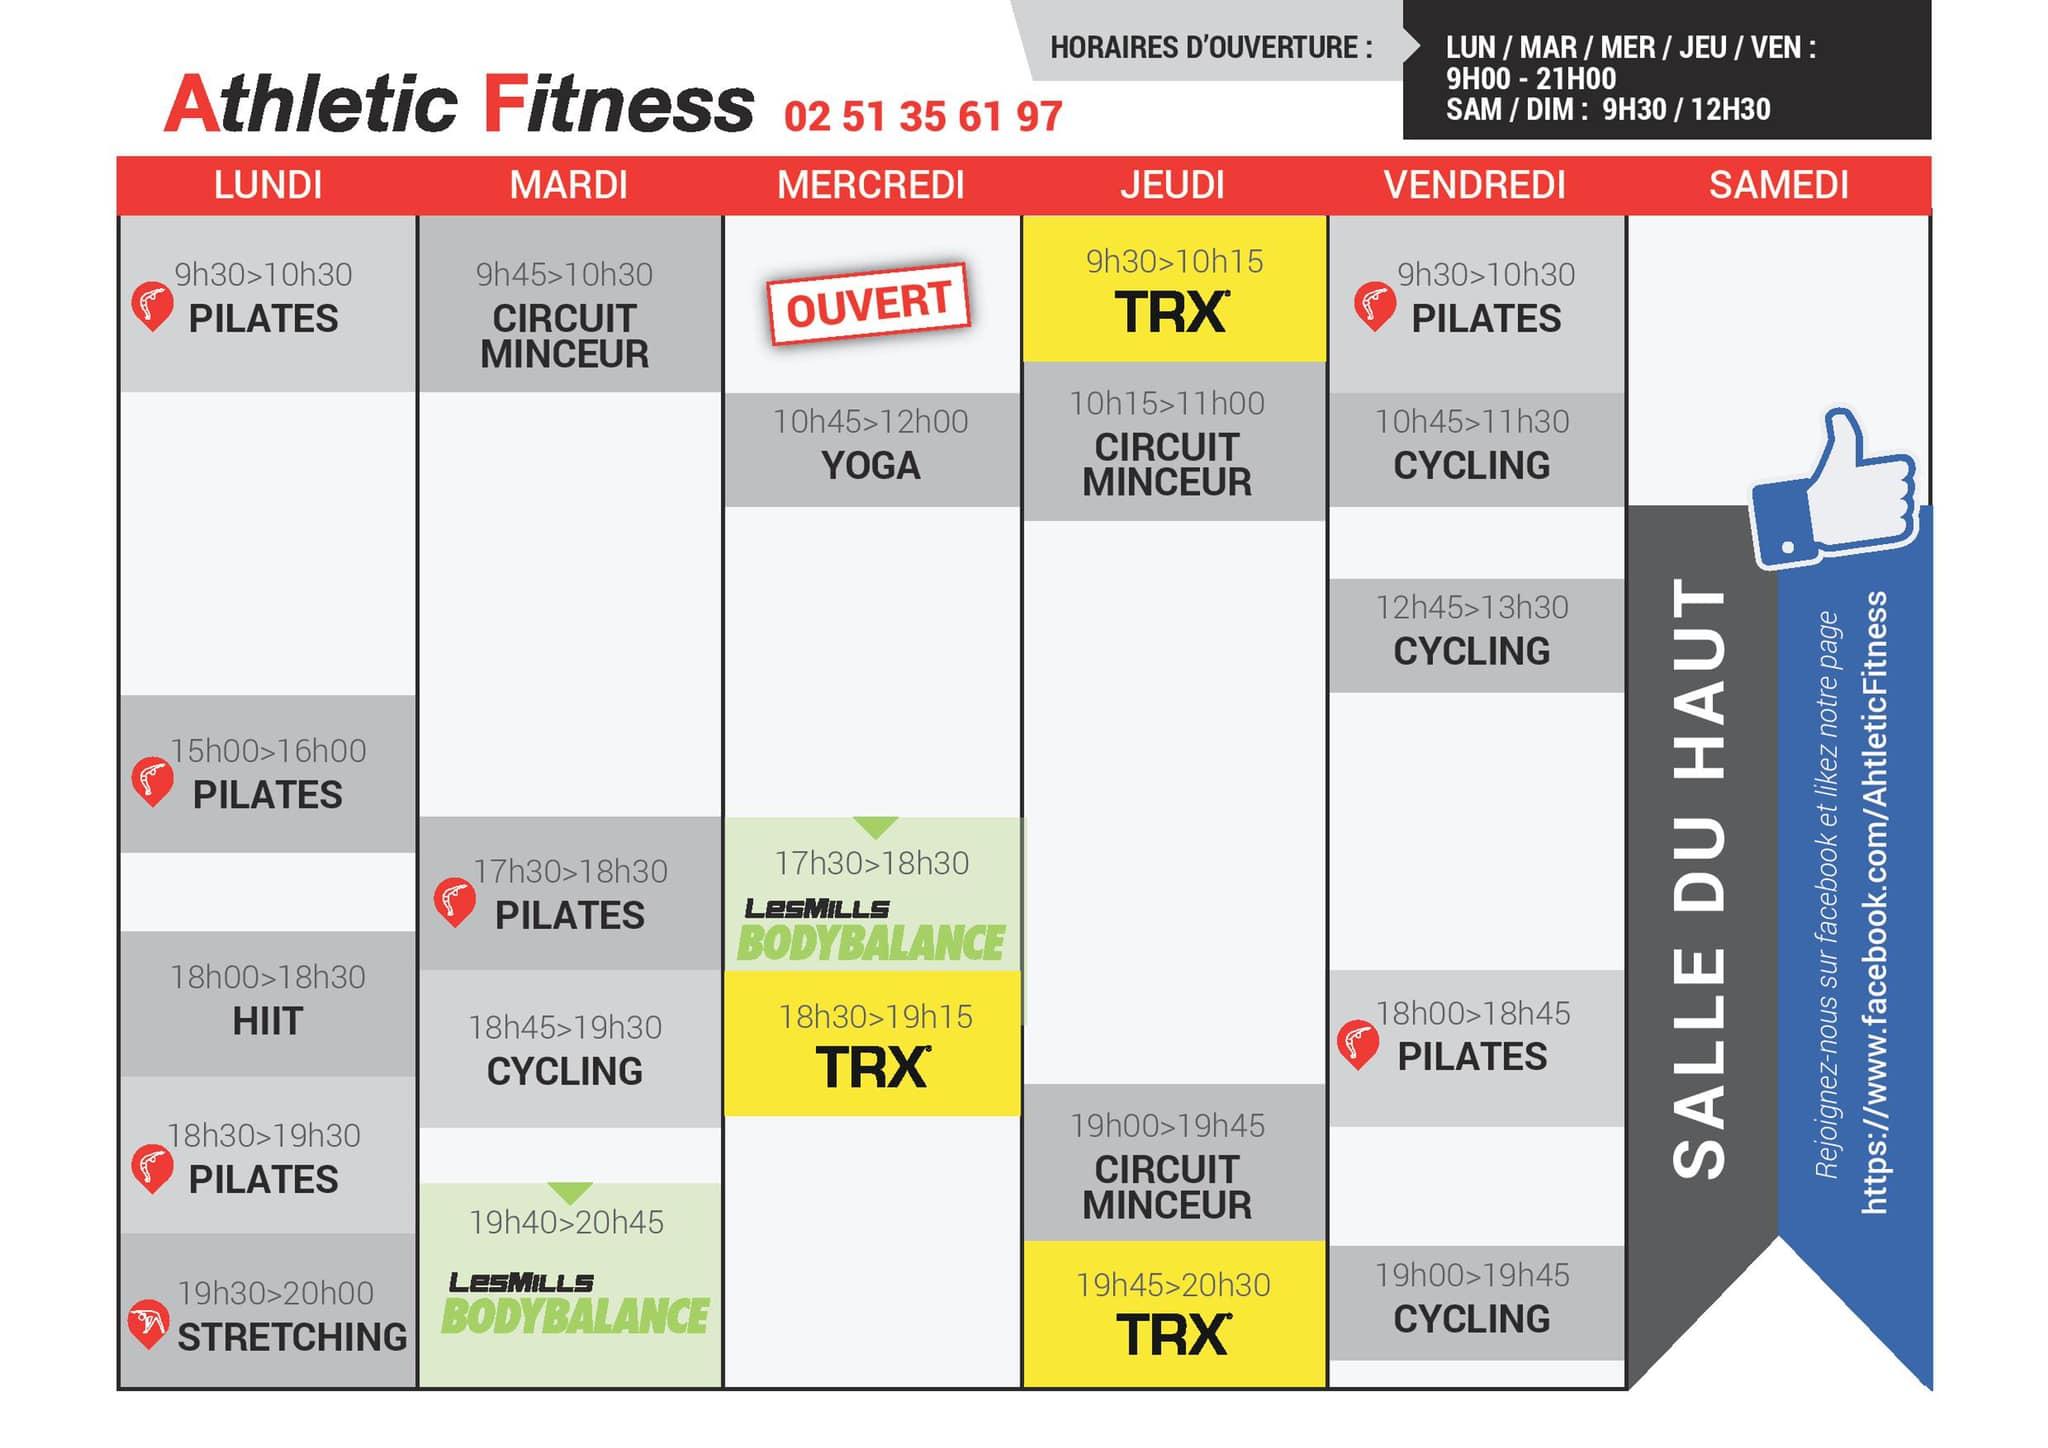 Athletic Fitness Challans Salle De Sports Et Remise En Forme